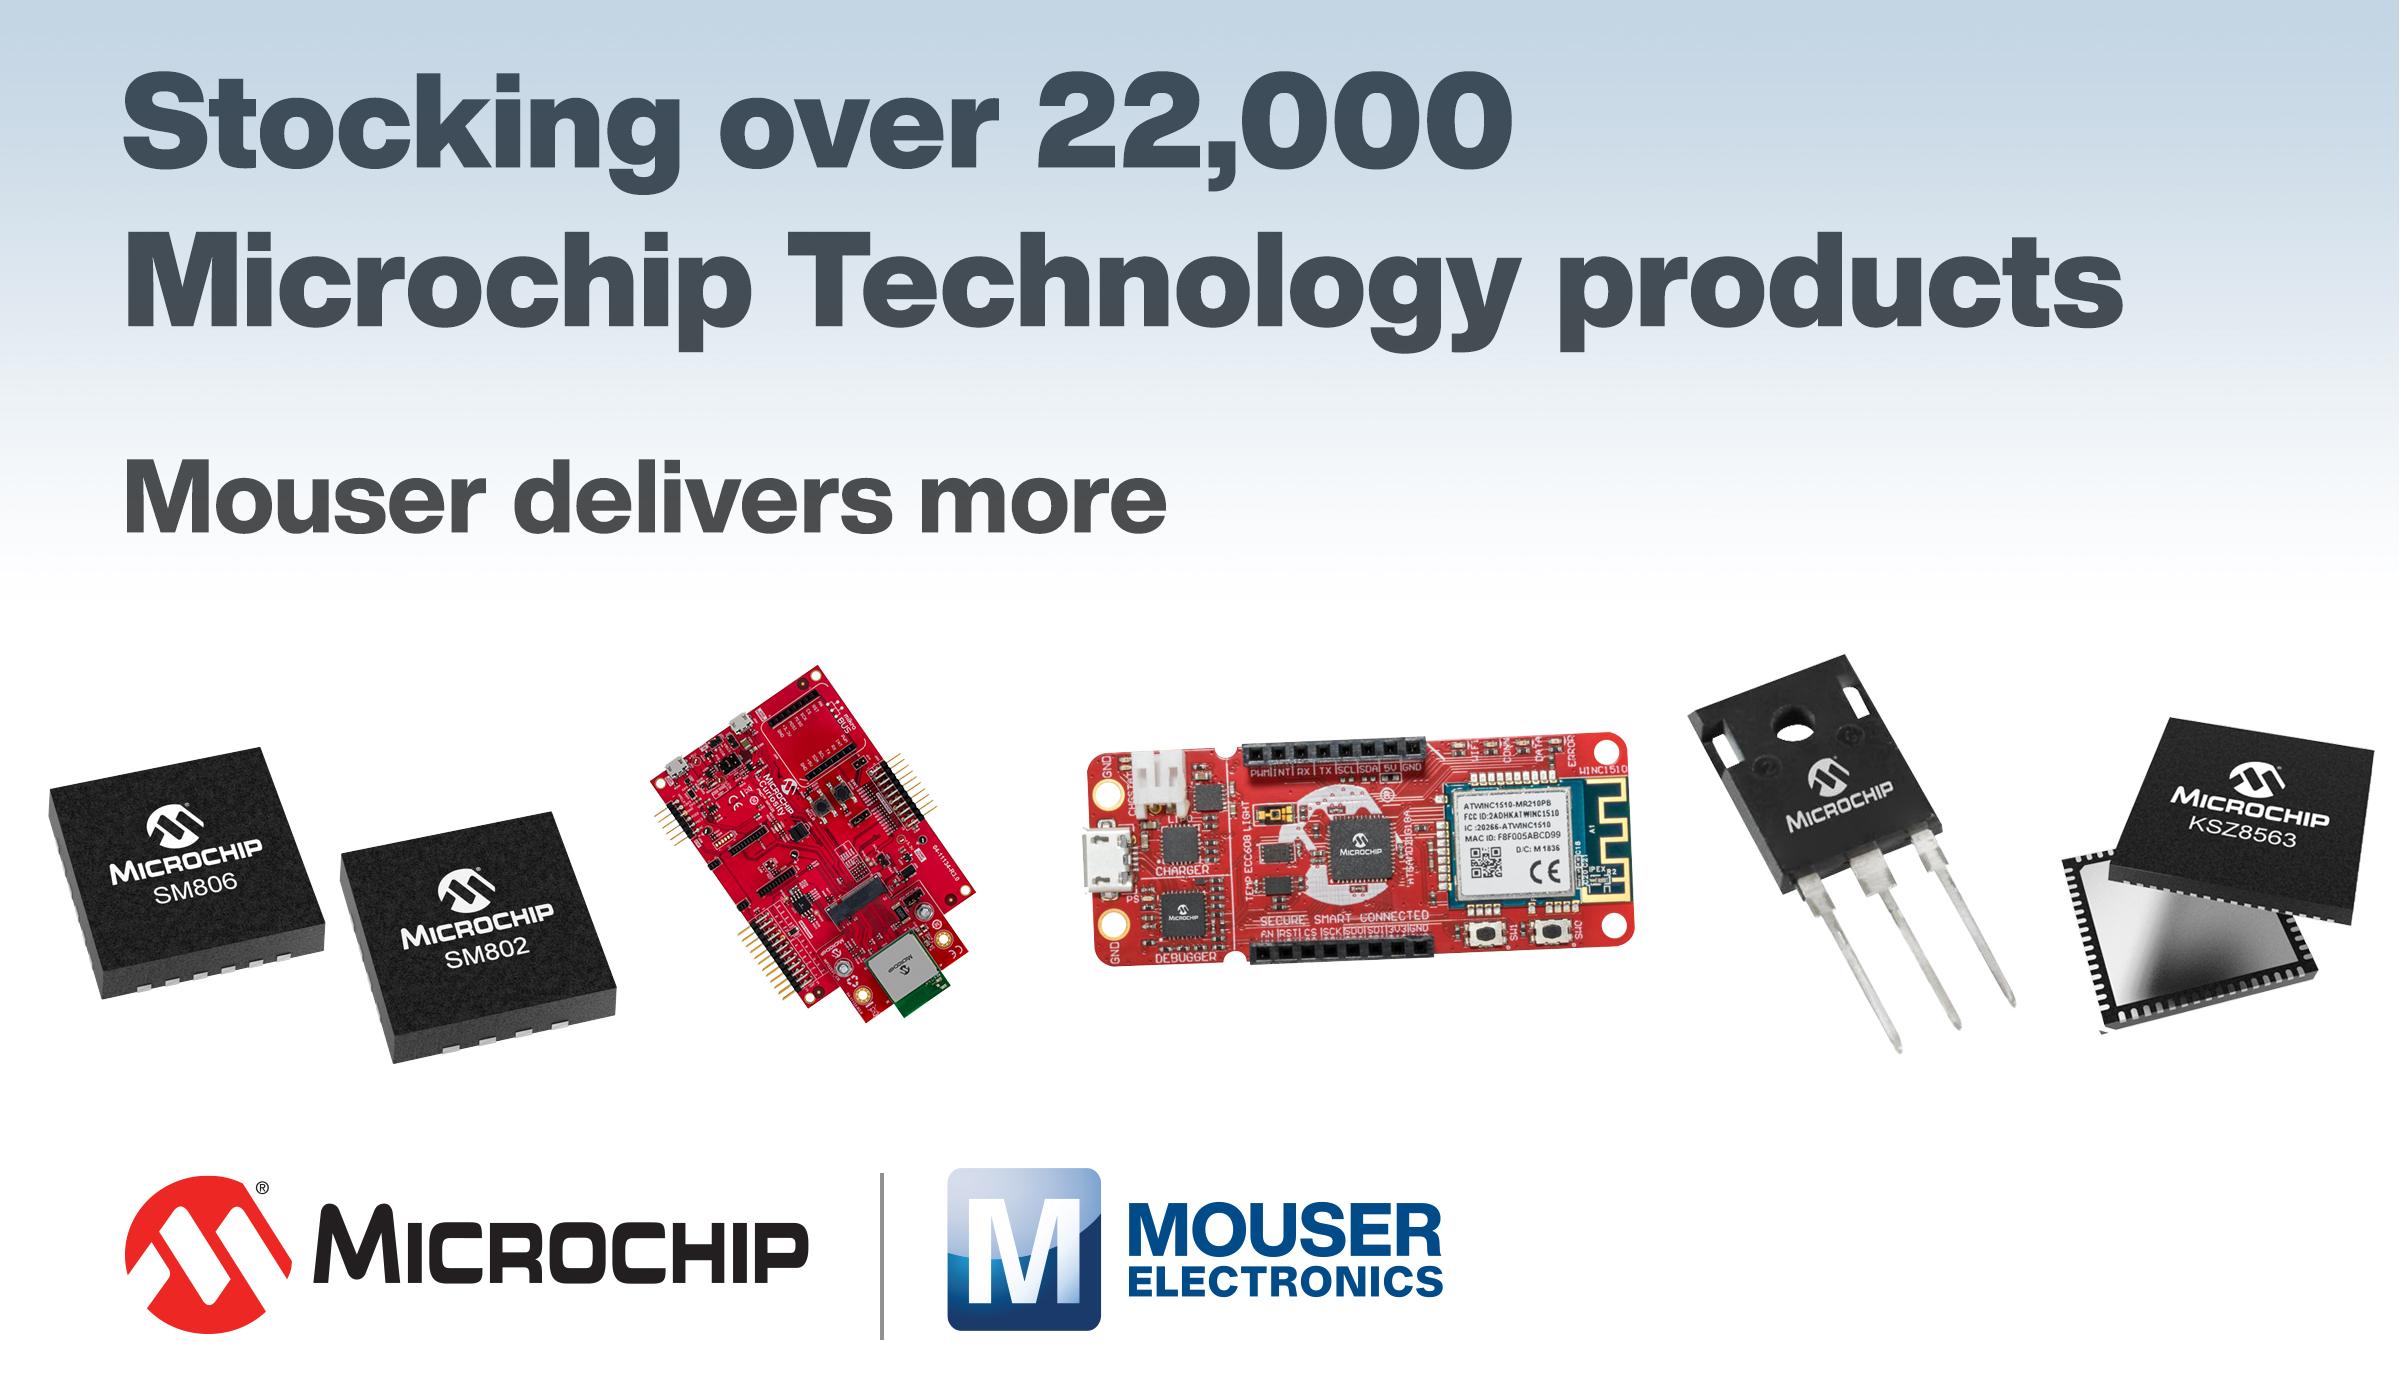 贸泽备货丰富多样的Microchip Technology产品组合